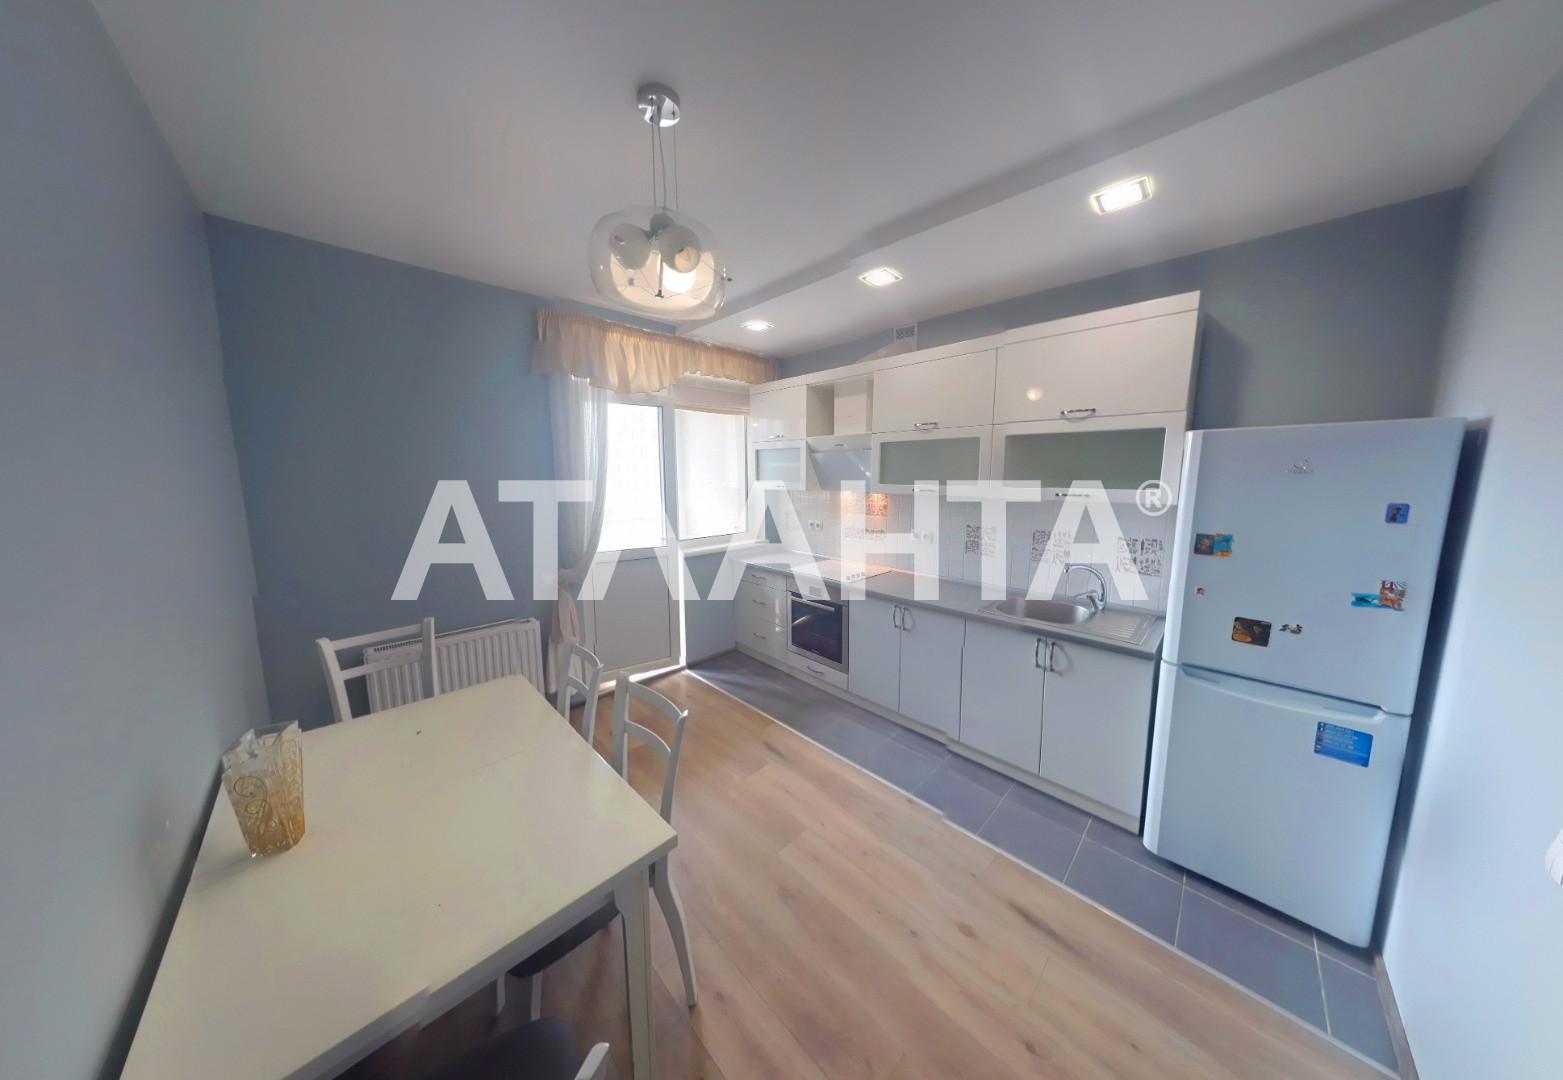 Продается 2-комнатная Квартира на ул. Ул. Вильямса — 130 000 у.е. (фото №15)